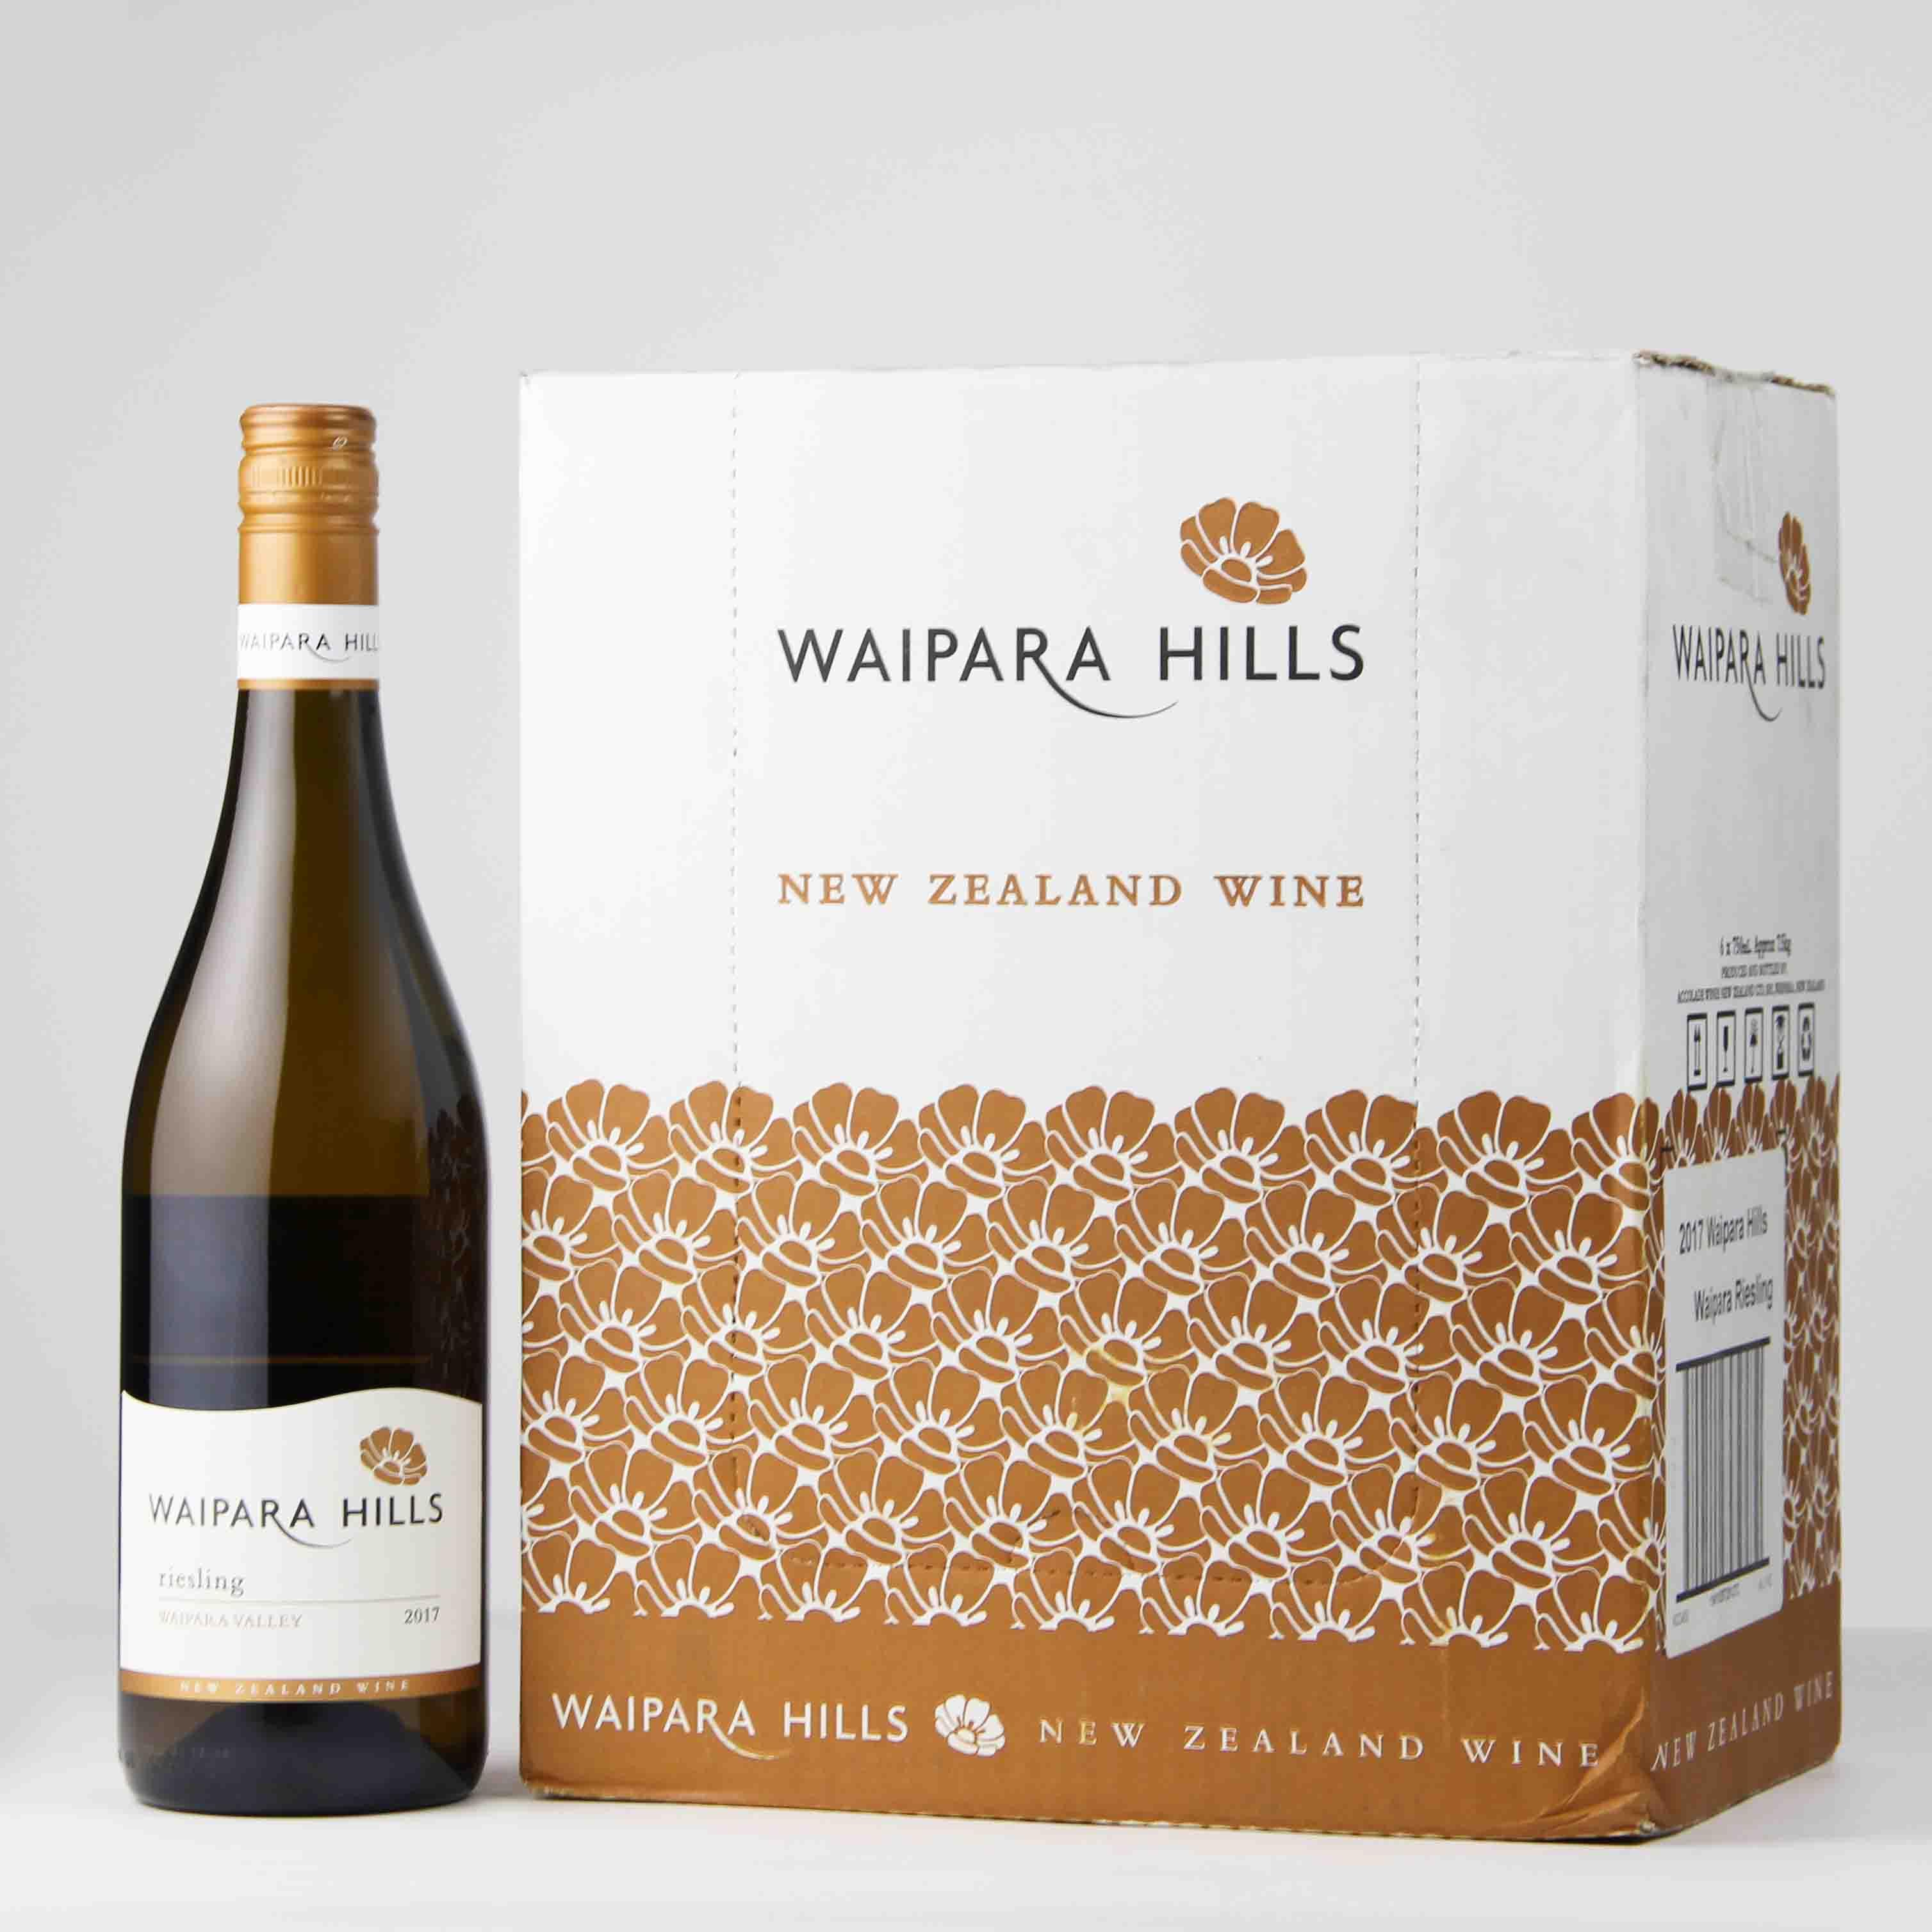 新西兰马尔堡怀帕拉山丘雷司令干白葡萄酒